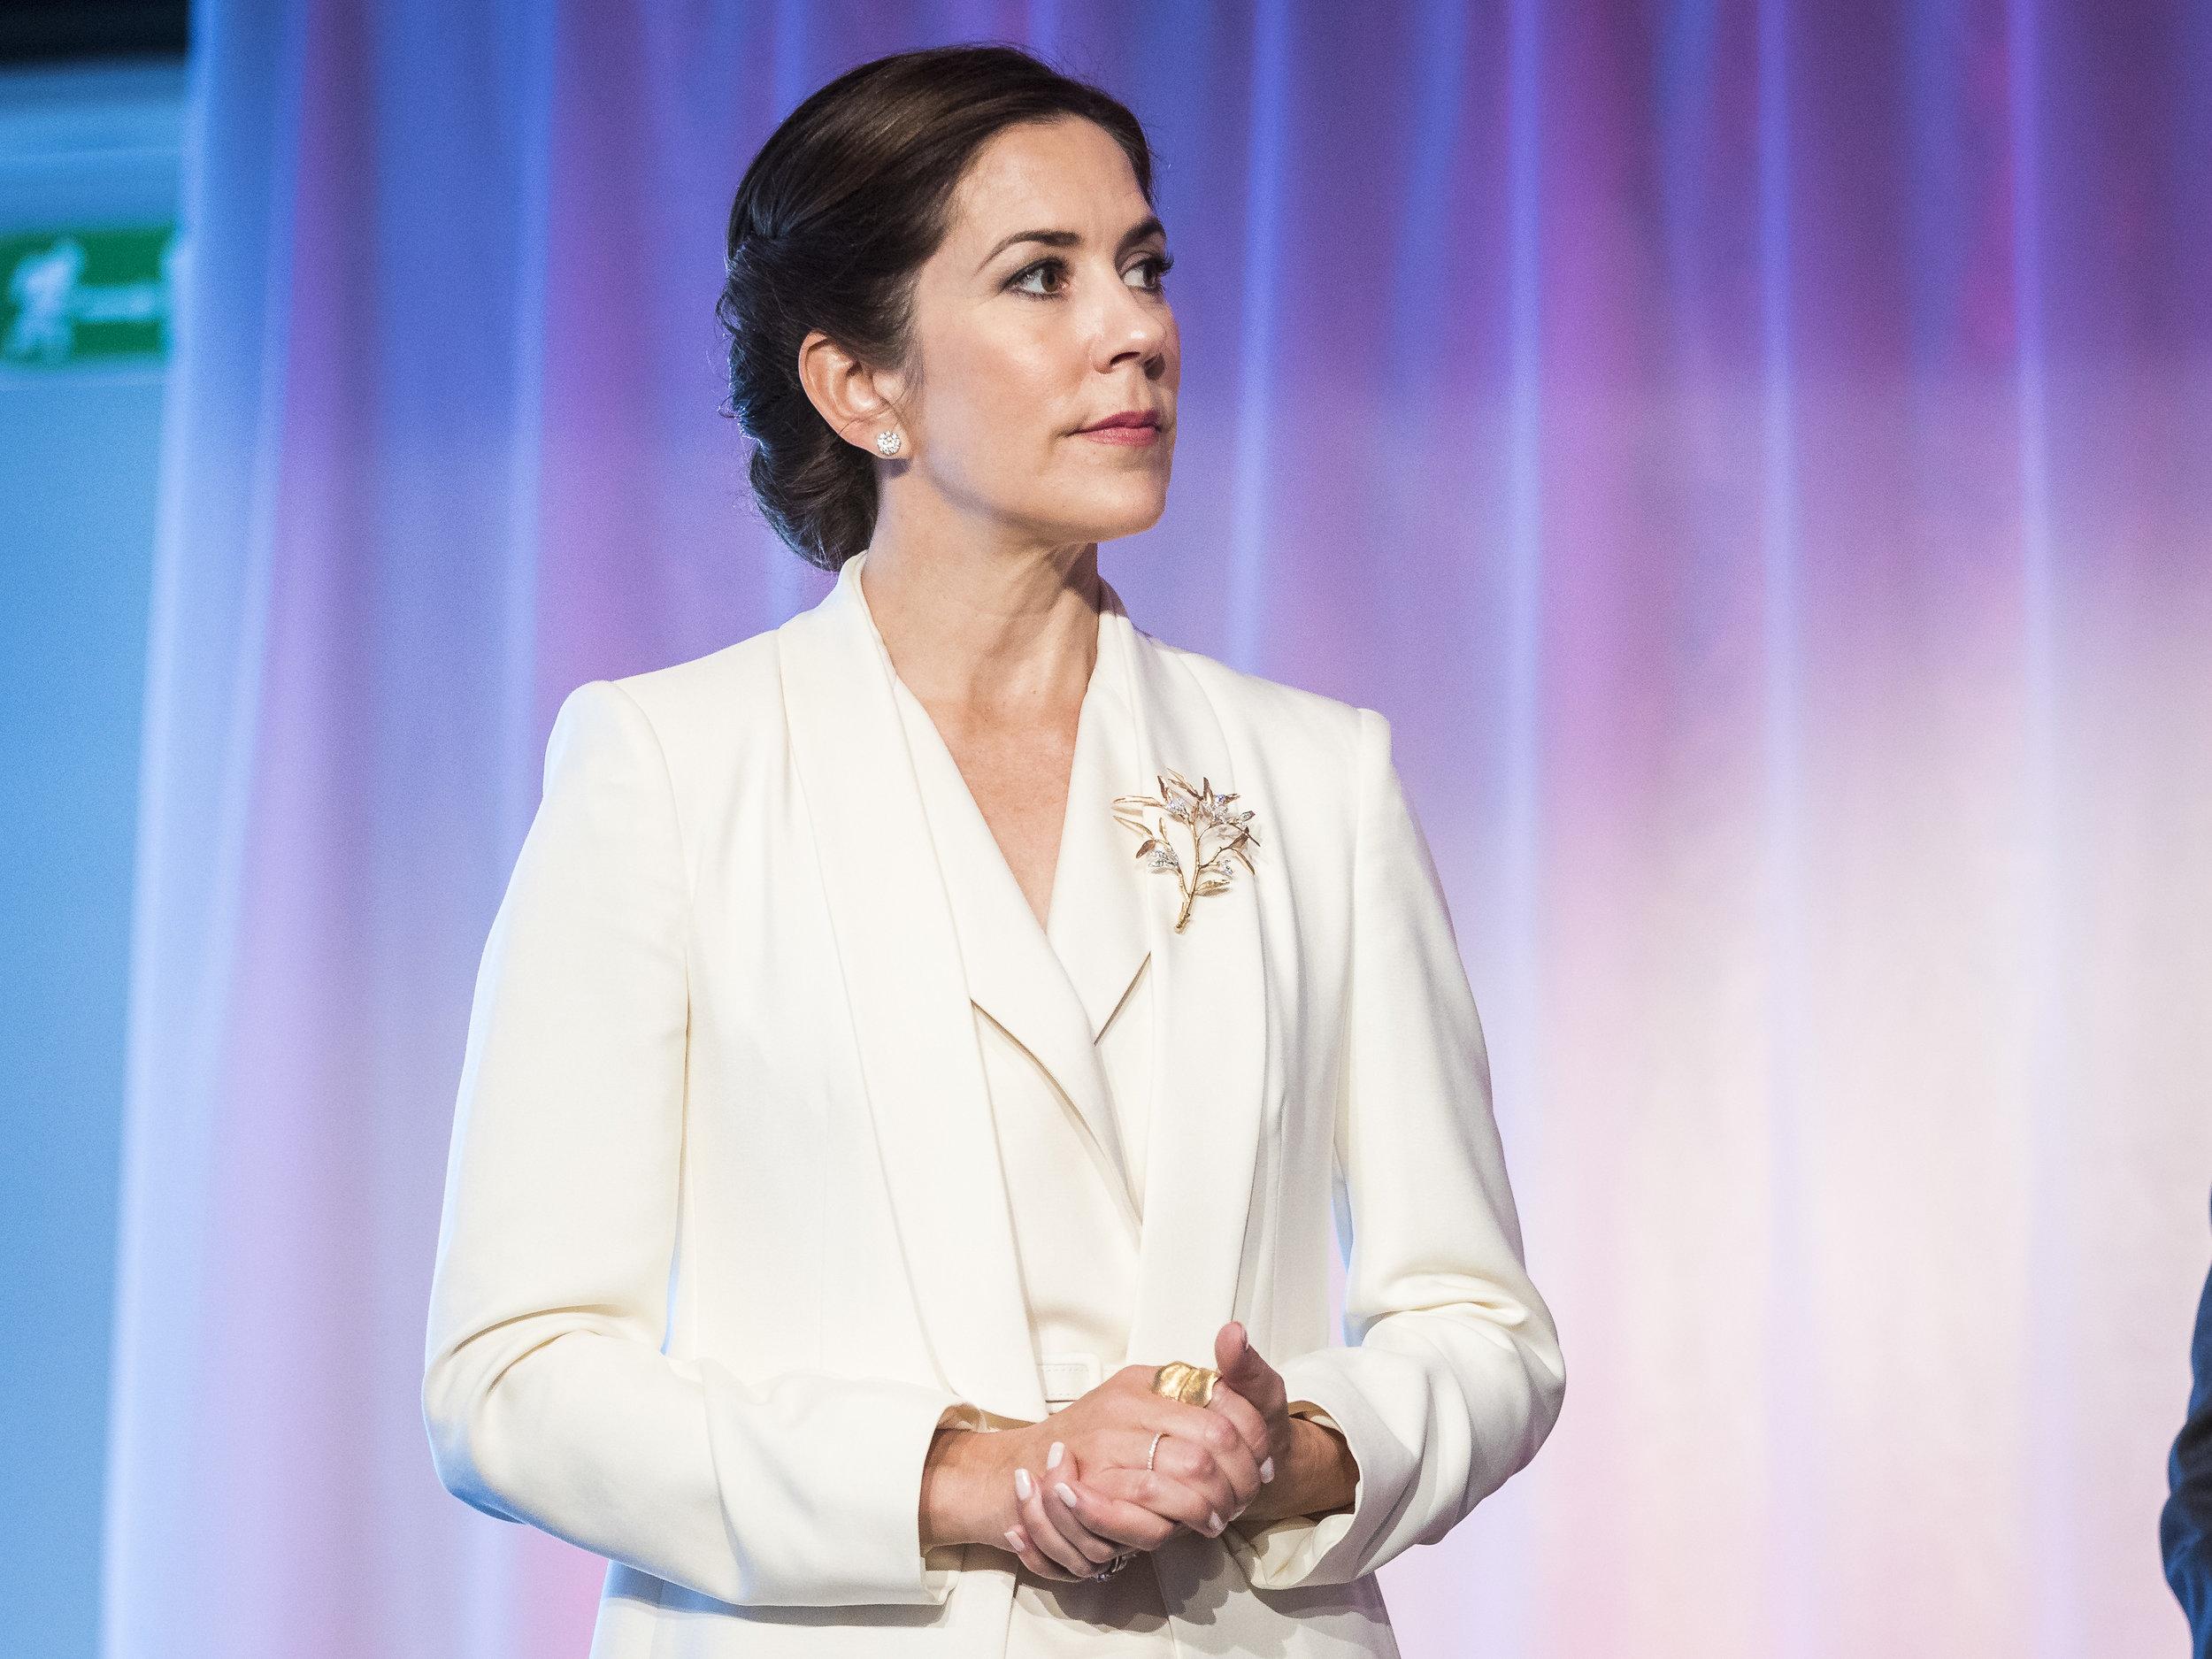 Der dänische Hof geht jetzt gegen die dreiste Werbung mit Kronprinzessin Mary vor  .  Foto:Getty Images